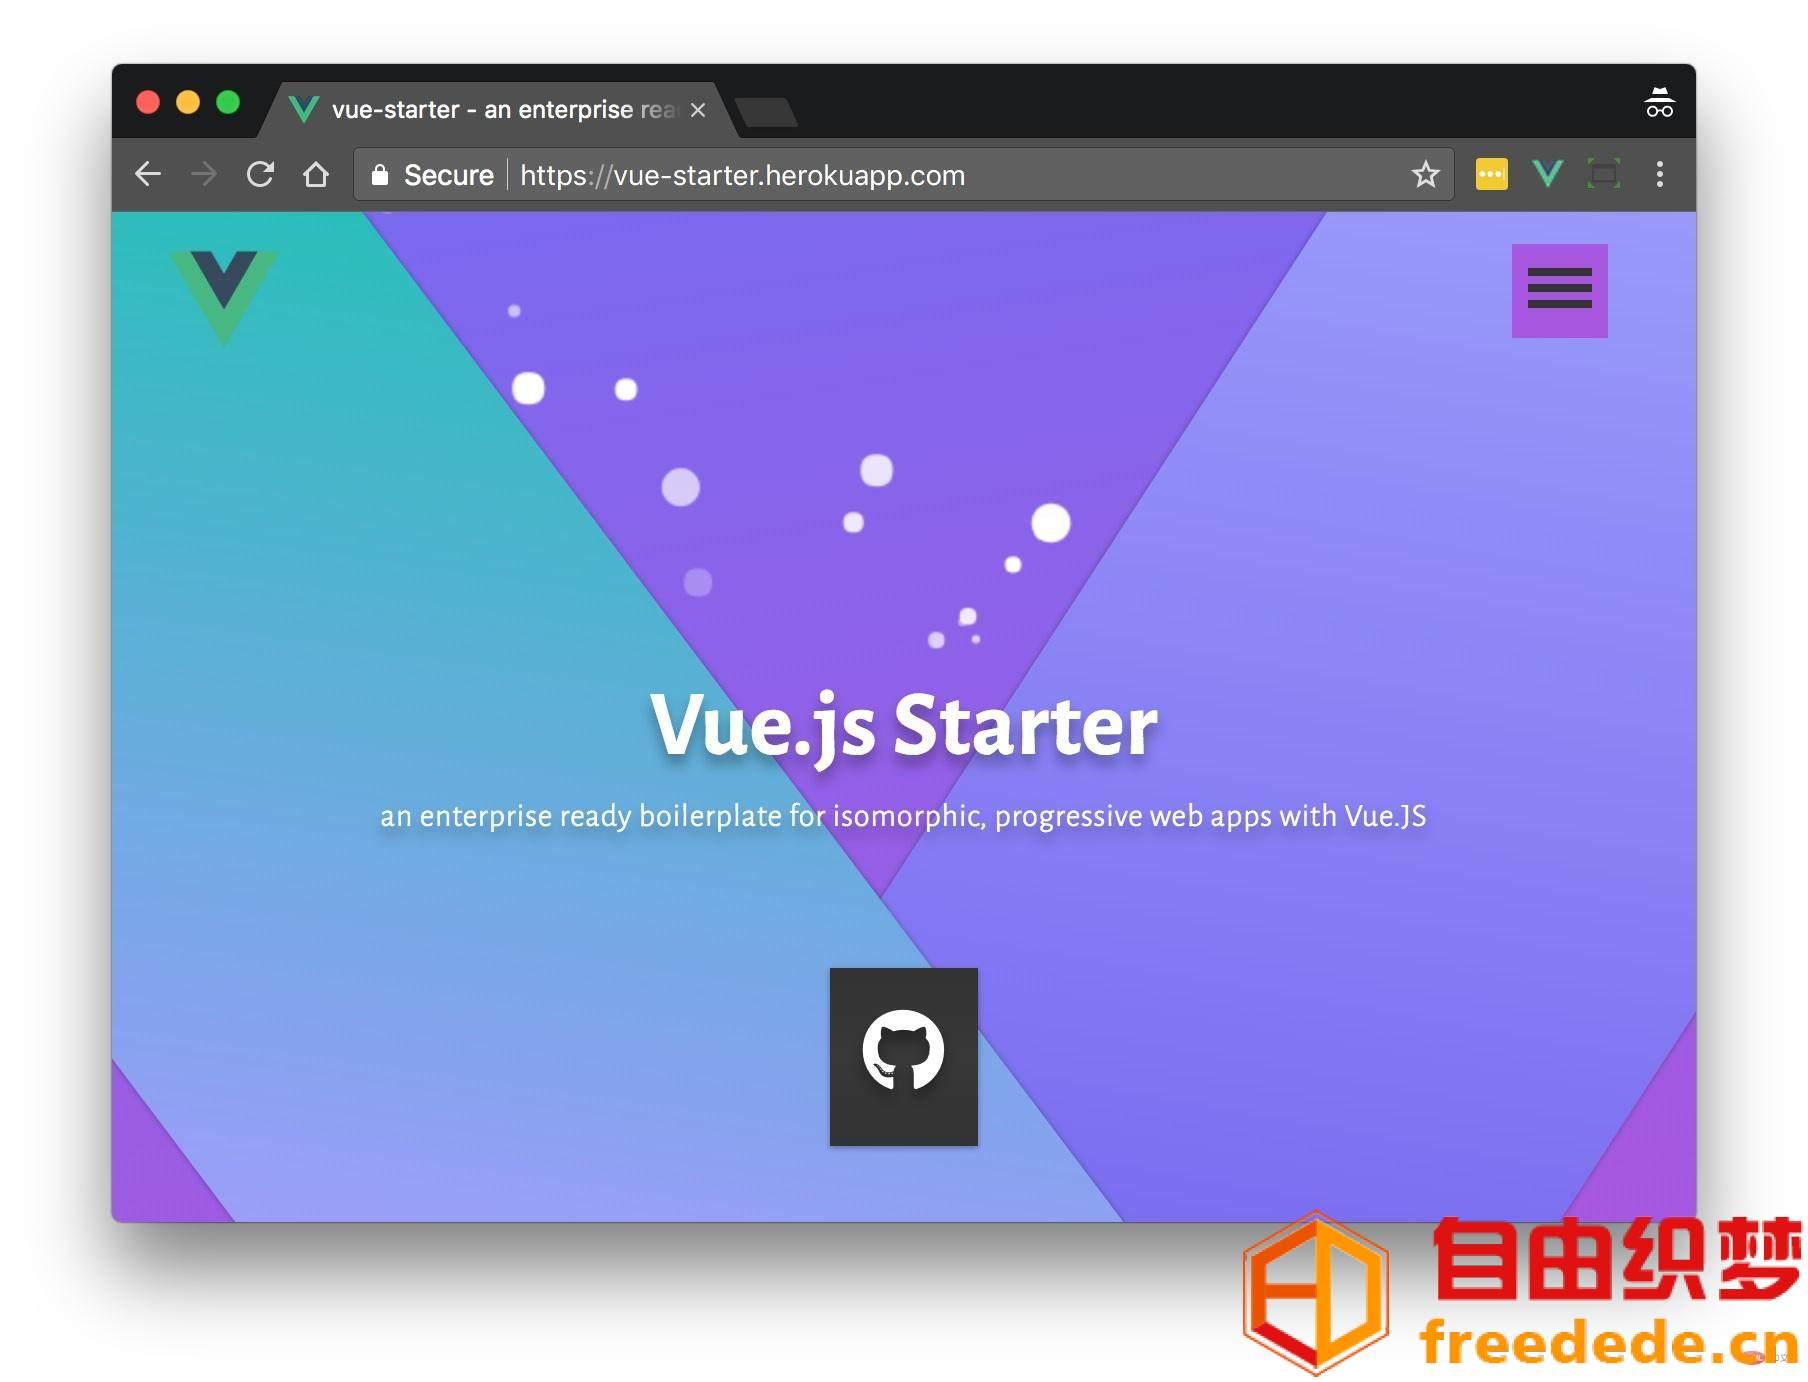 爱上源码网文章5个很棒的Vue.js项目模板的内容插图2